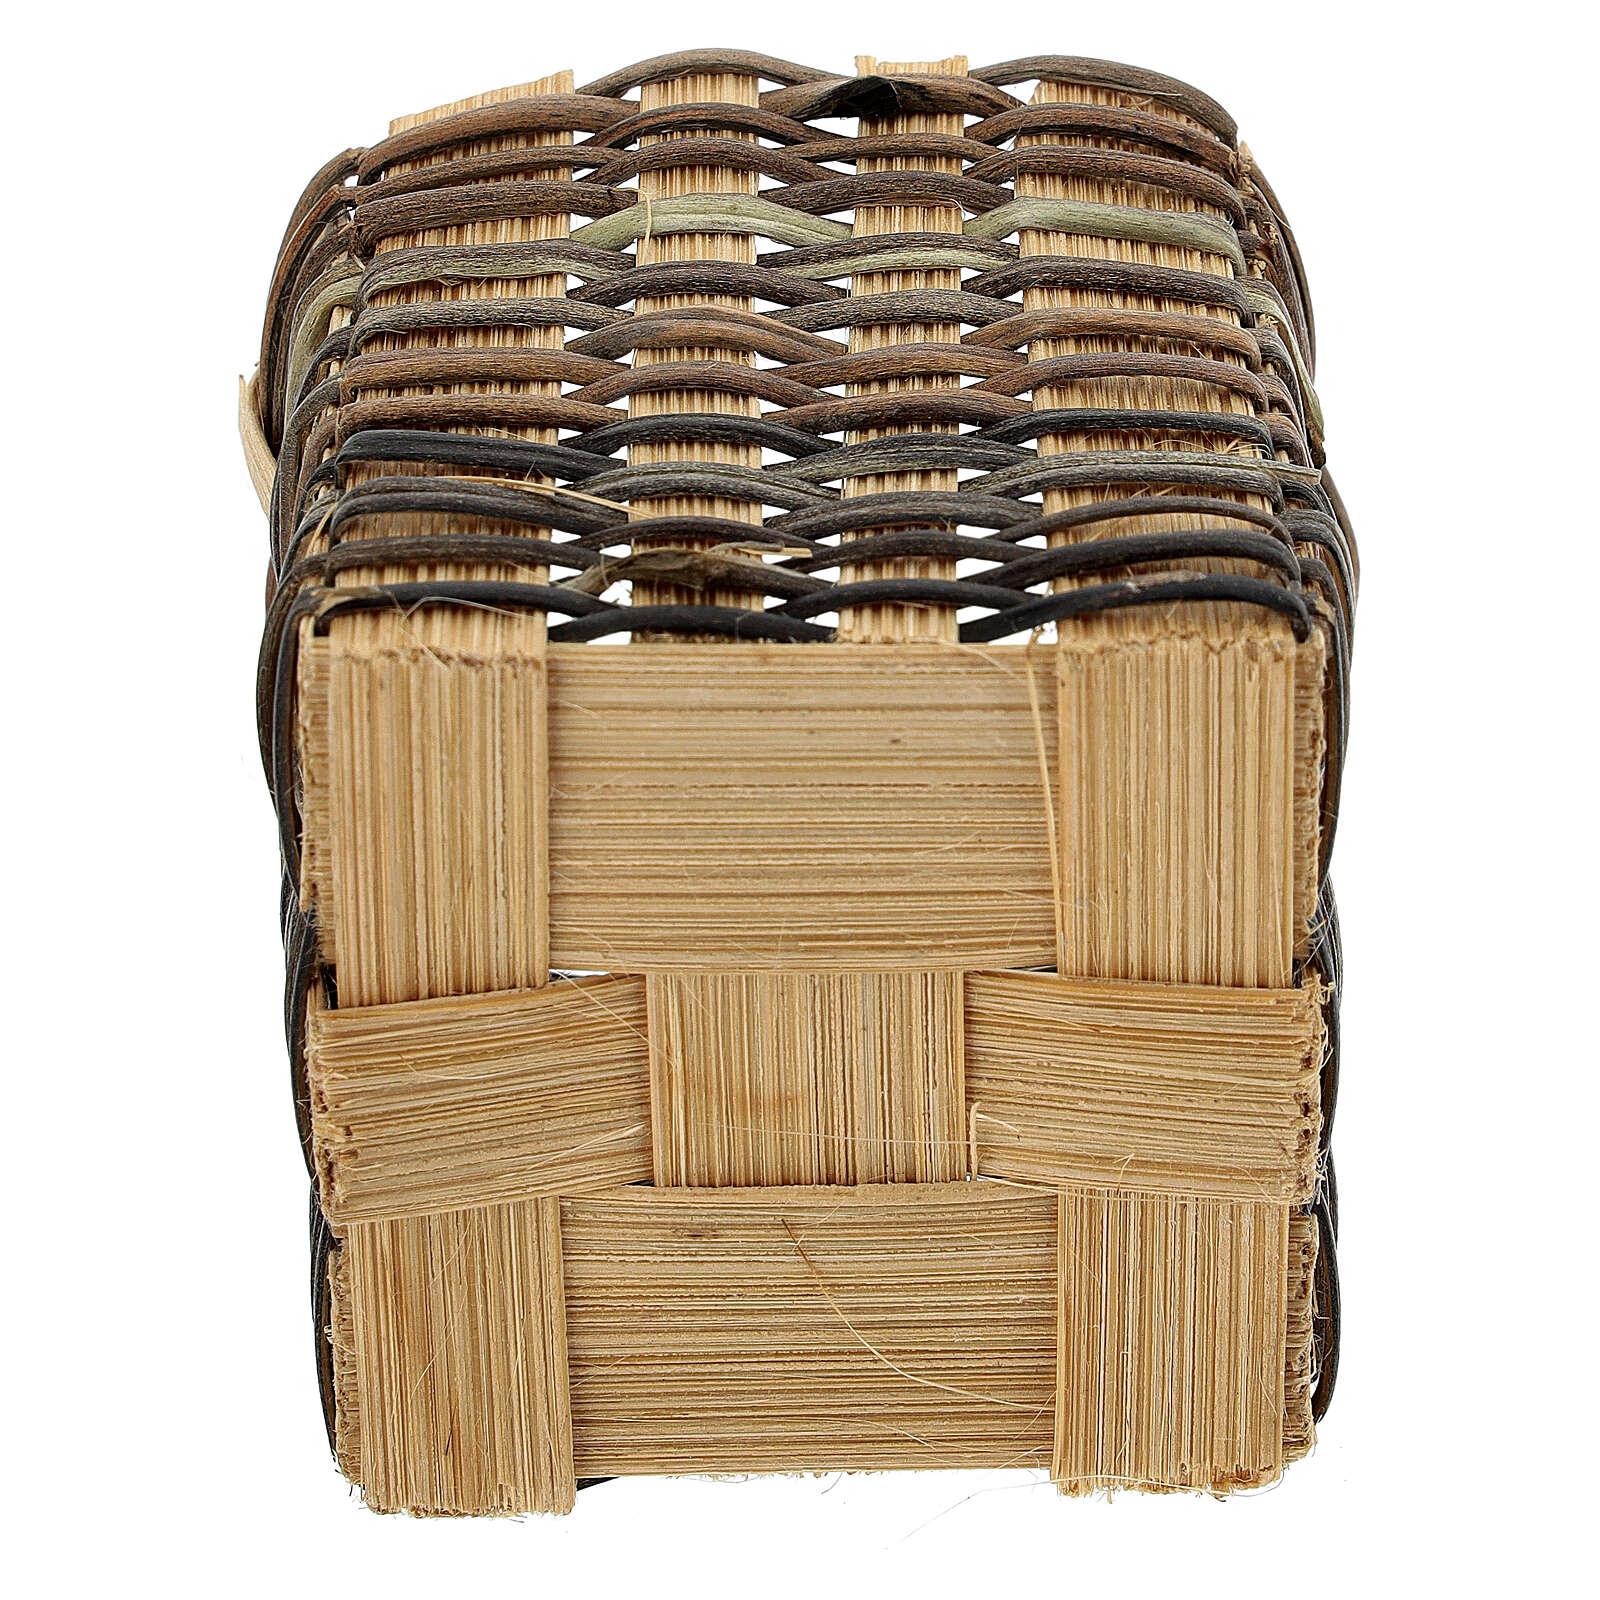 High wicker basket 5x5x5 12-14 cm 4